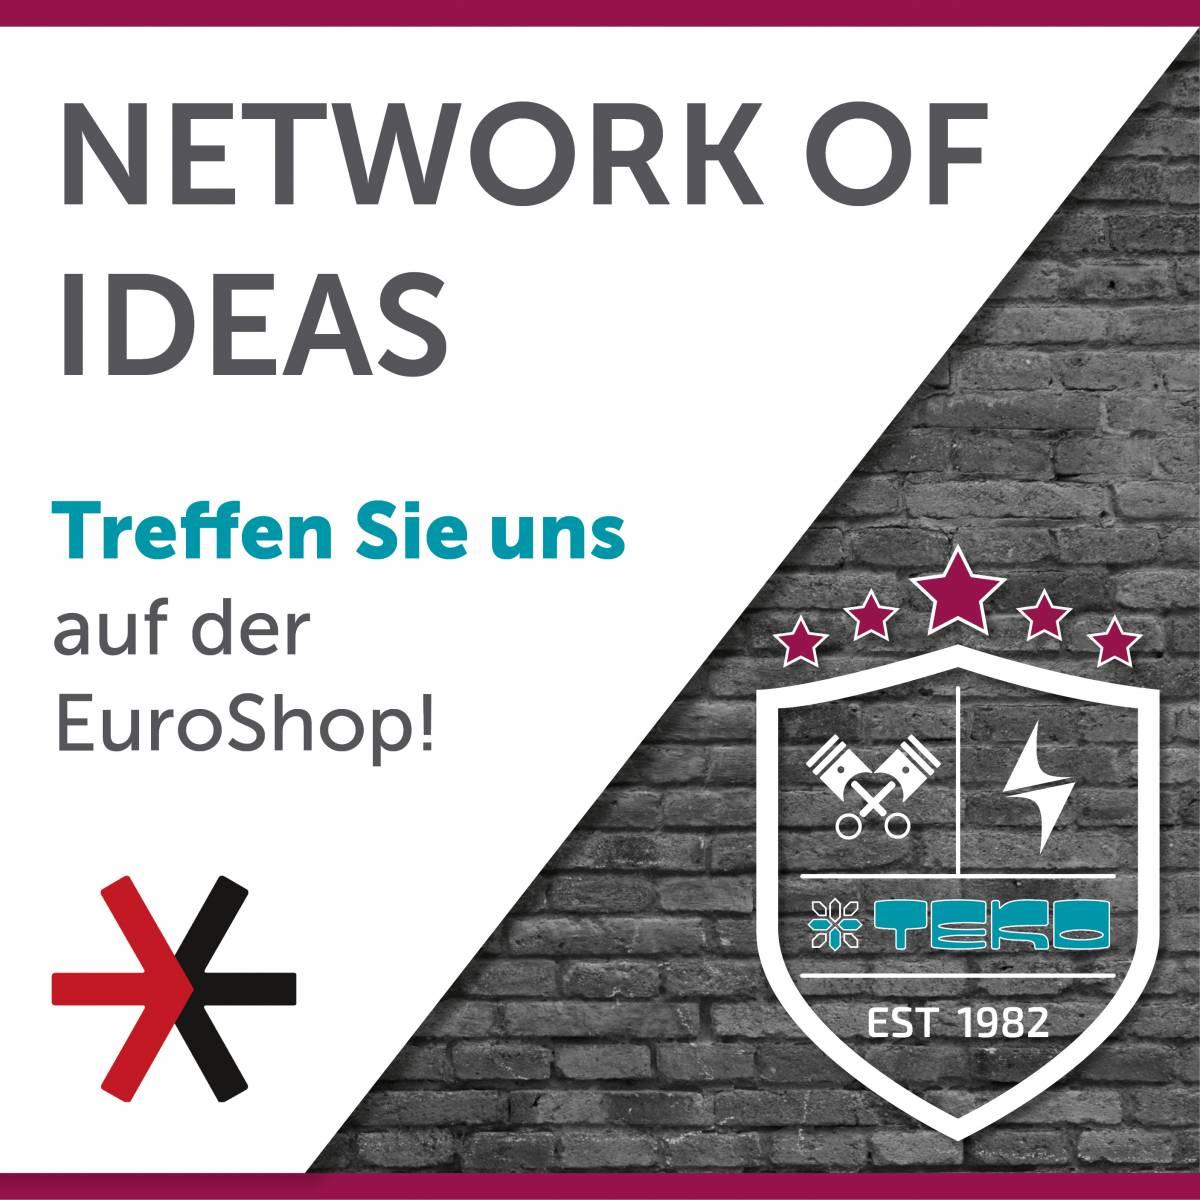 teko news einladung euroshop 2020 675x675 - Der Countdown zur EuroShop läuft